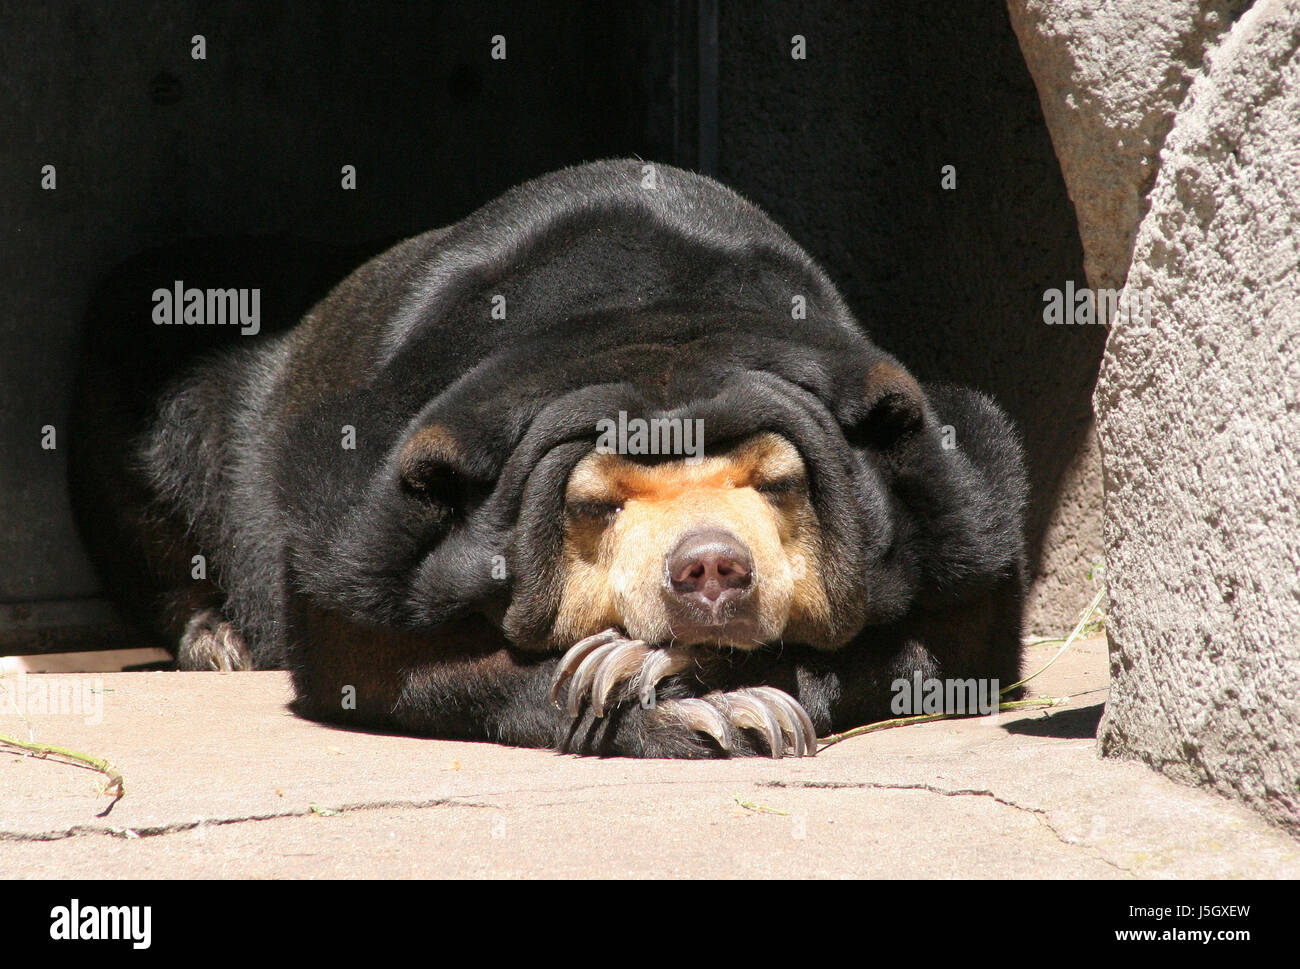 Cave Bear Stock Photos & Cave Bear Stock Images - Alamy